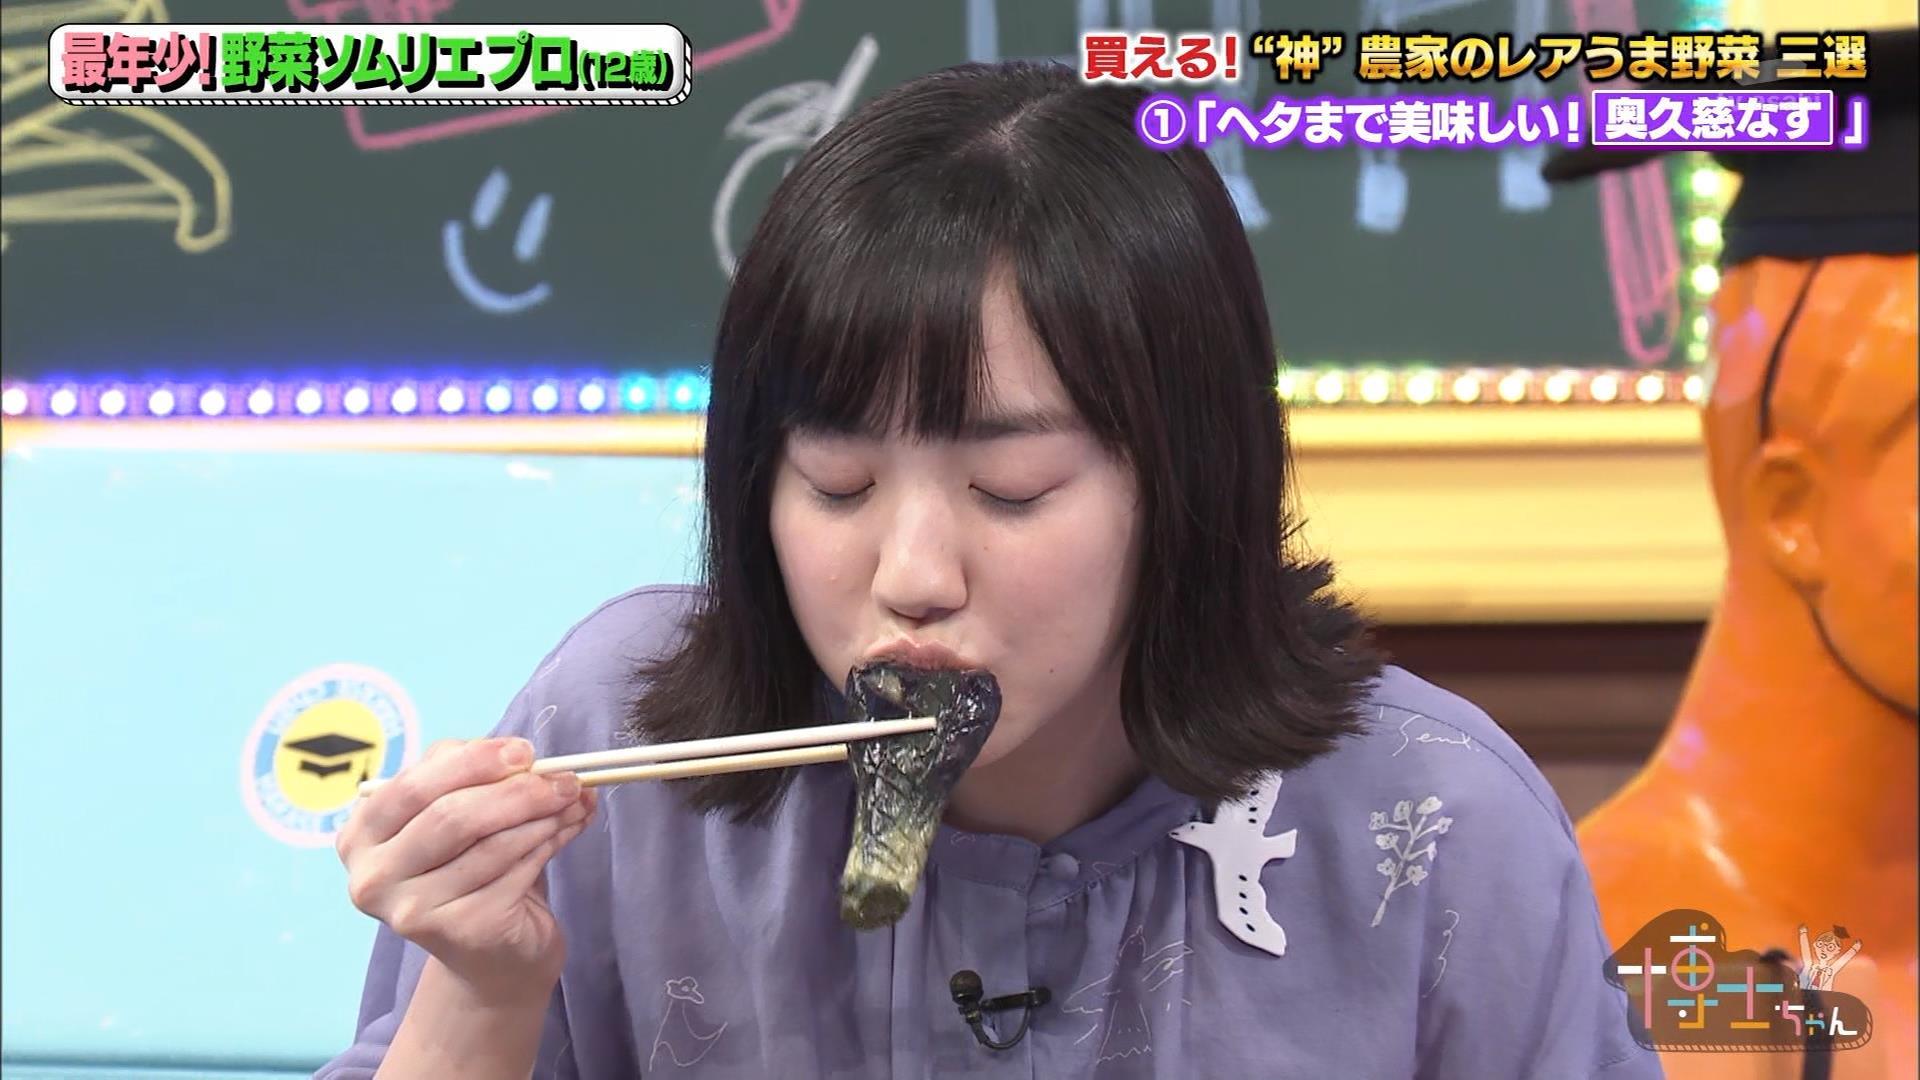 芦田愛菜おっぱい 芦田愛菜、胸でかい!カップ数やスリーサイズ、水着スタイル画像を調査!